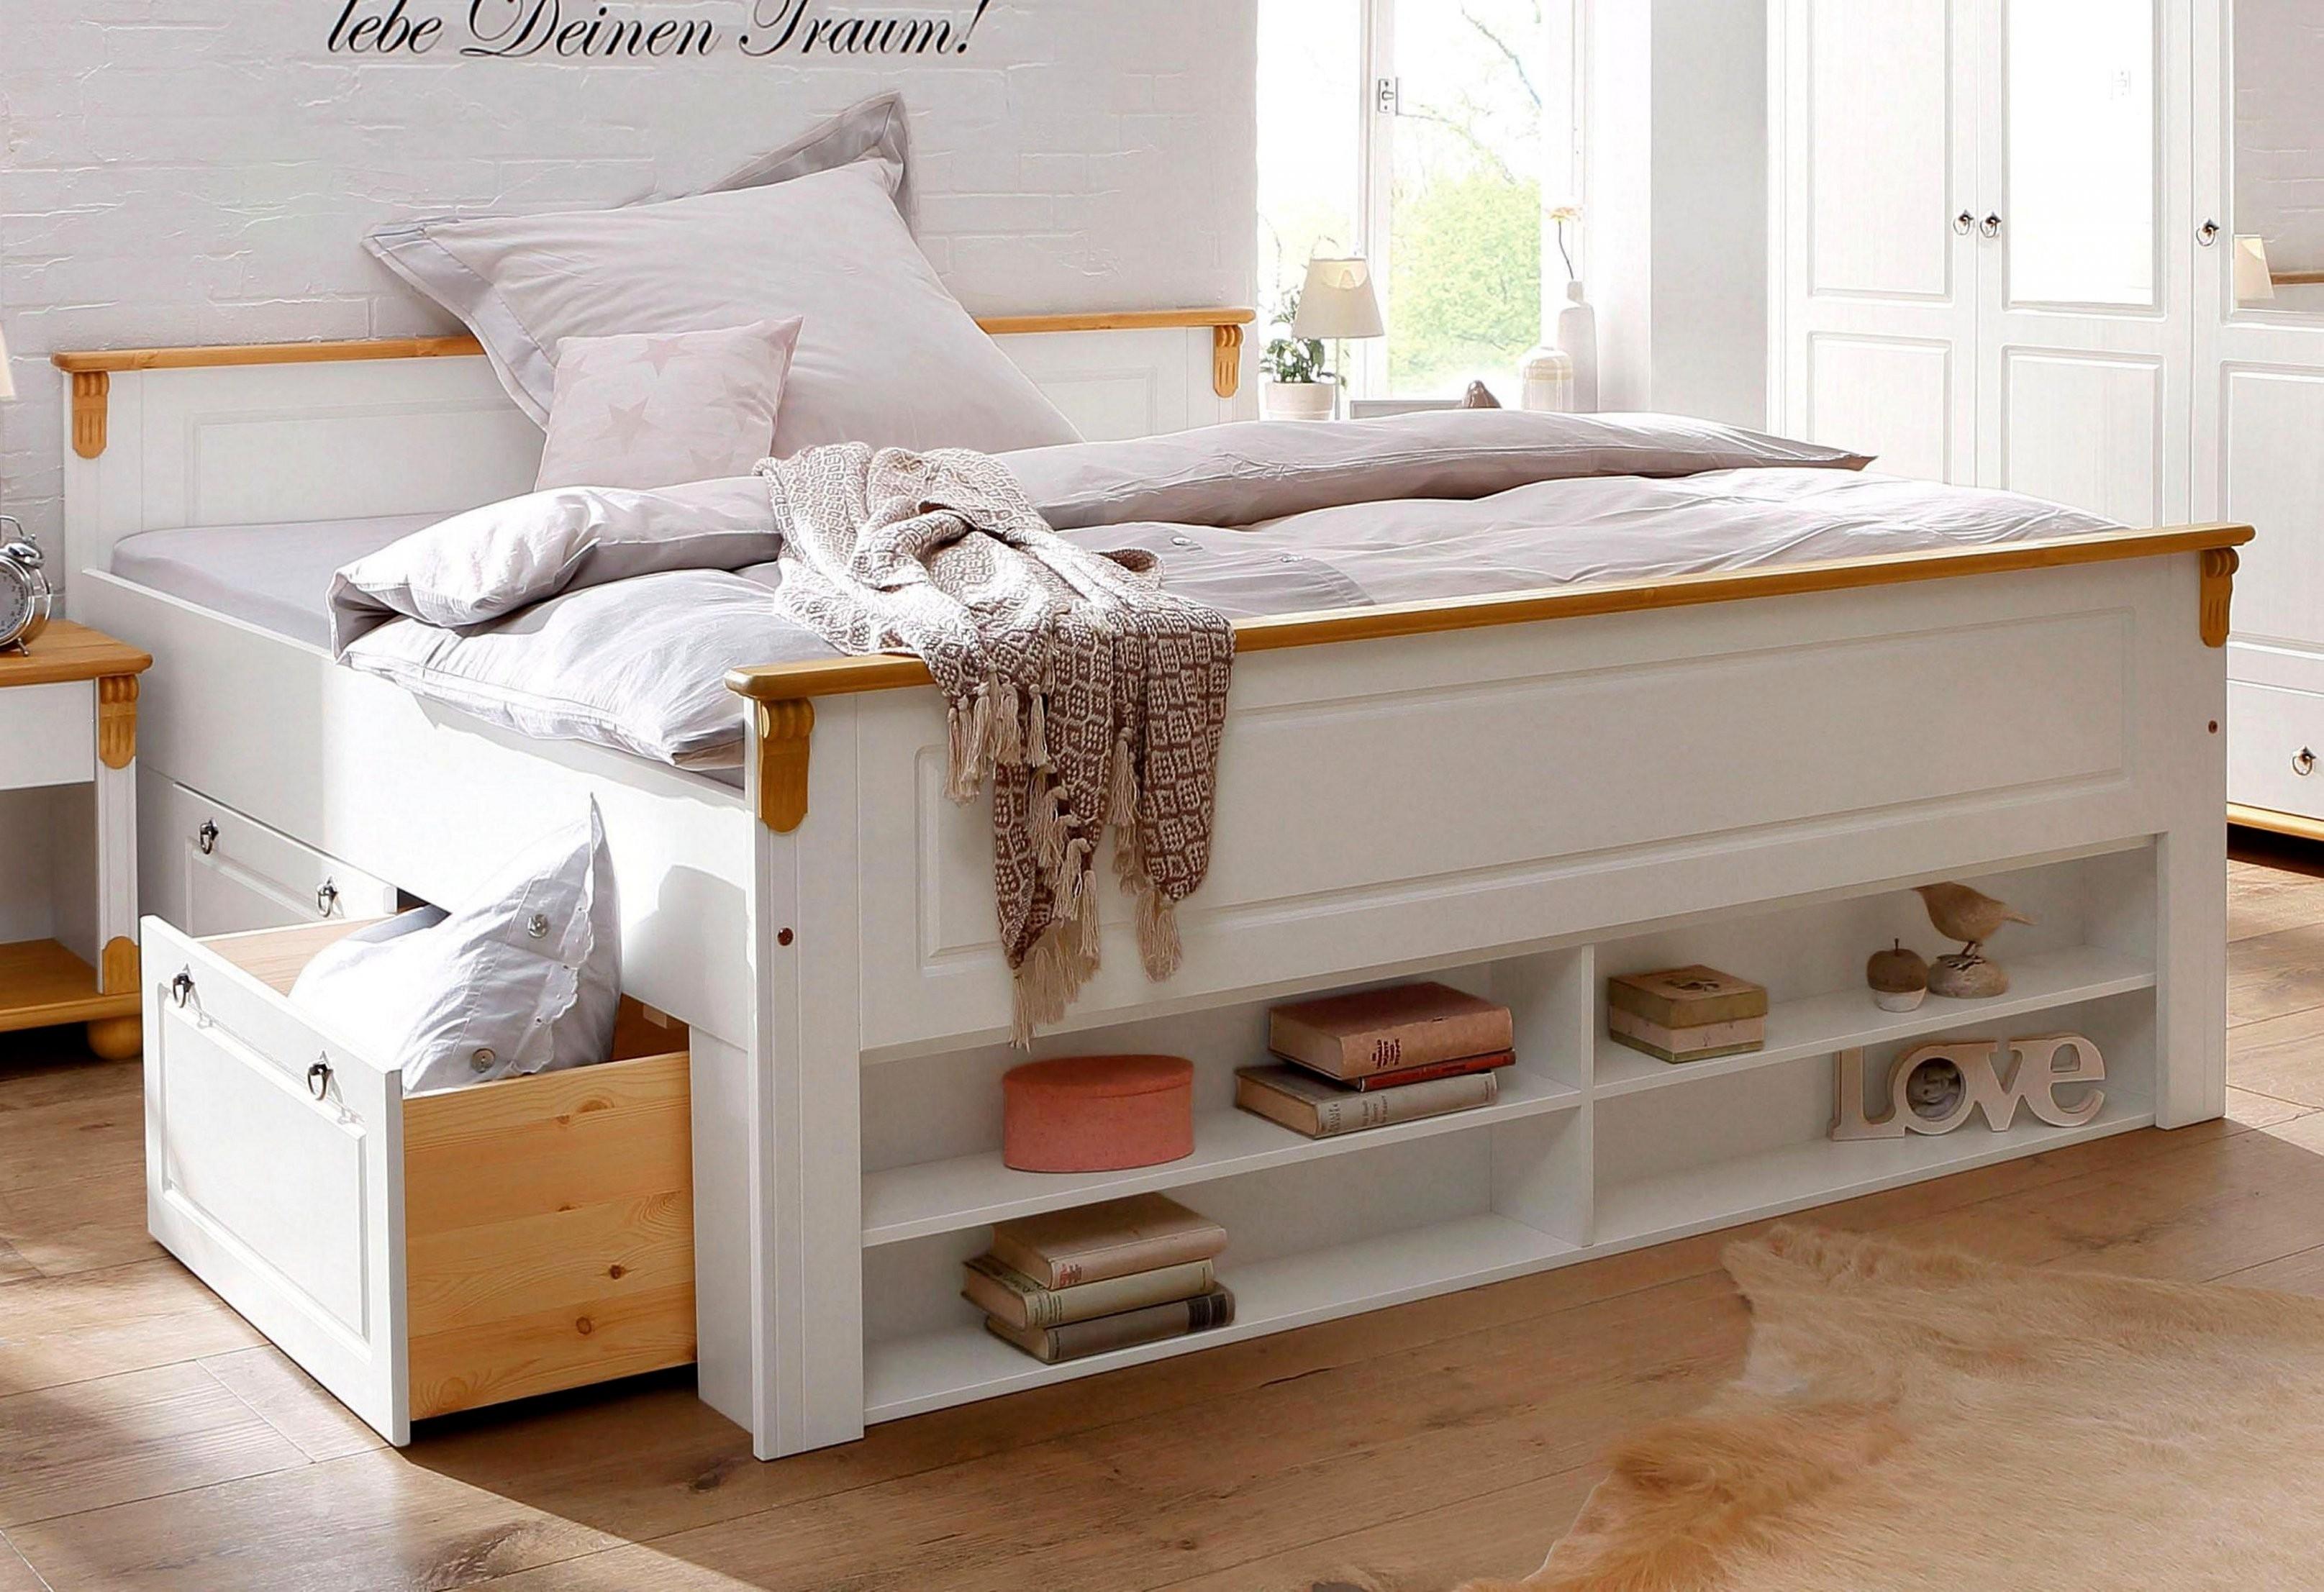 Faszinierend 37 Bilder Von Stauraum Bett 160X200  Ar Skandeliked von Stauraum Bett 160X200 Bild